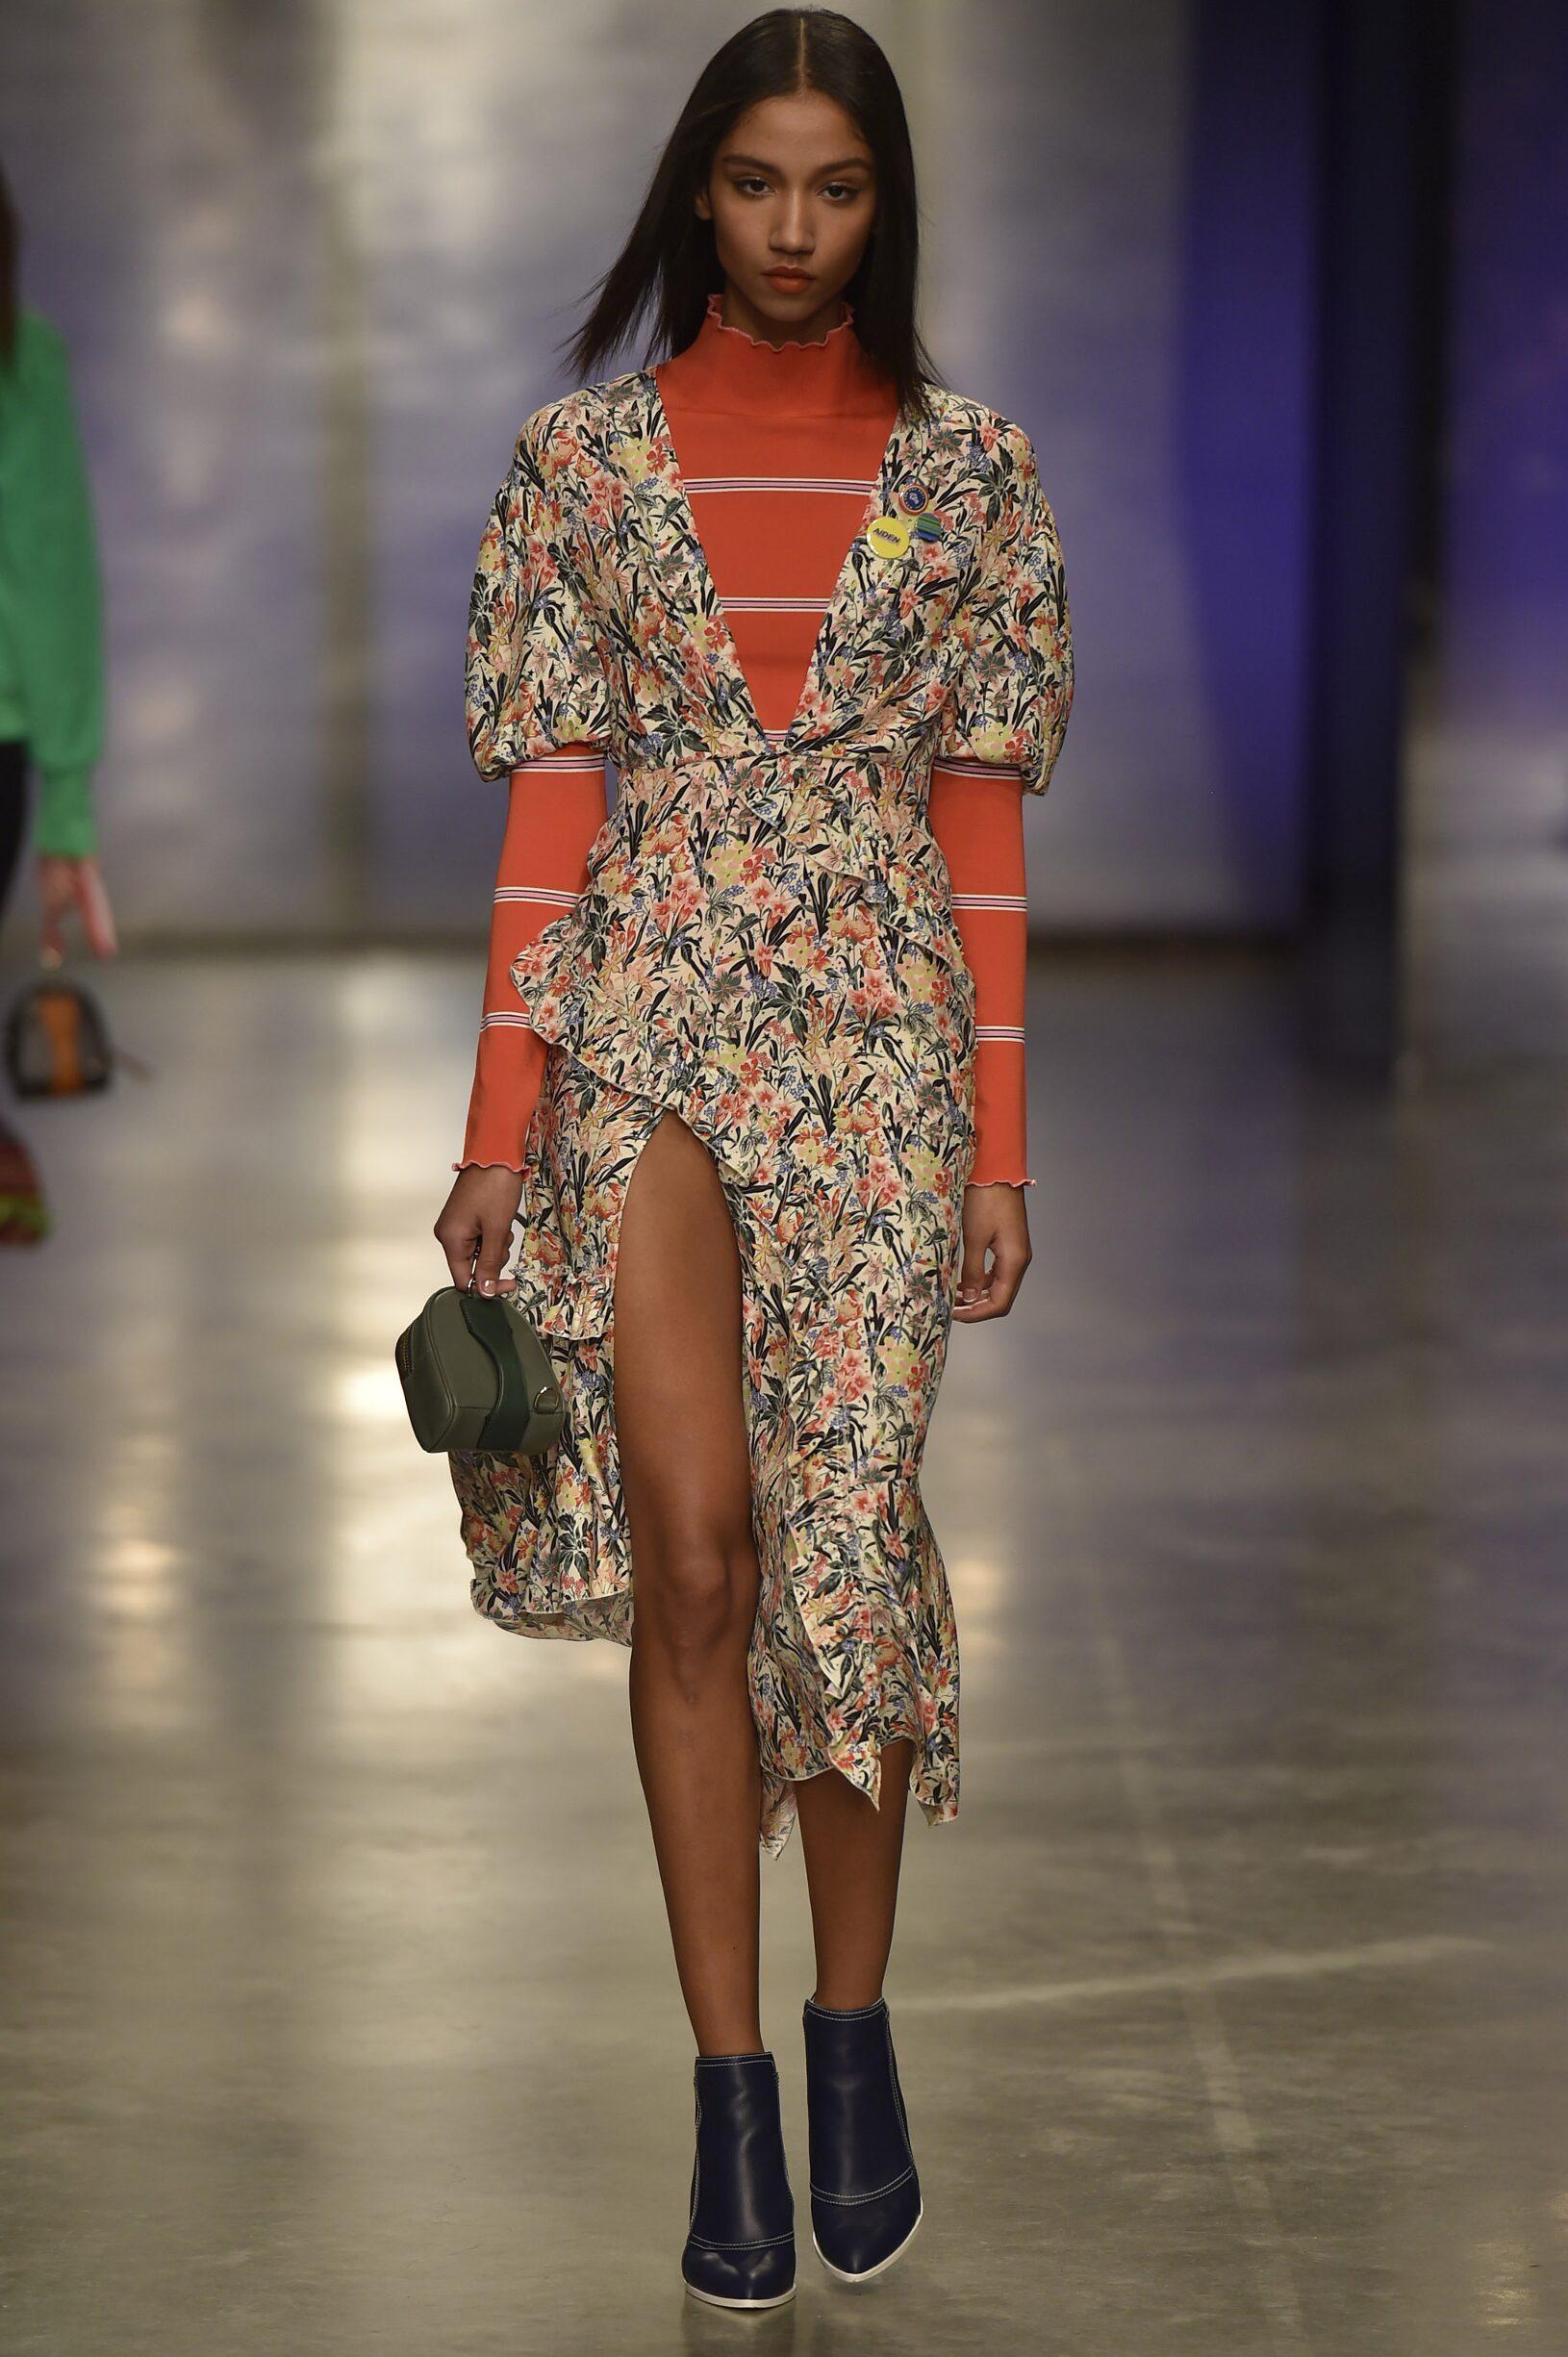 Fashion Woman Model Topshop Unique Catwalk